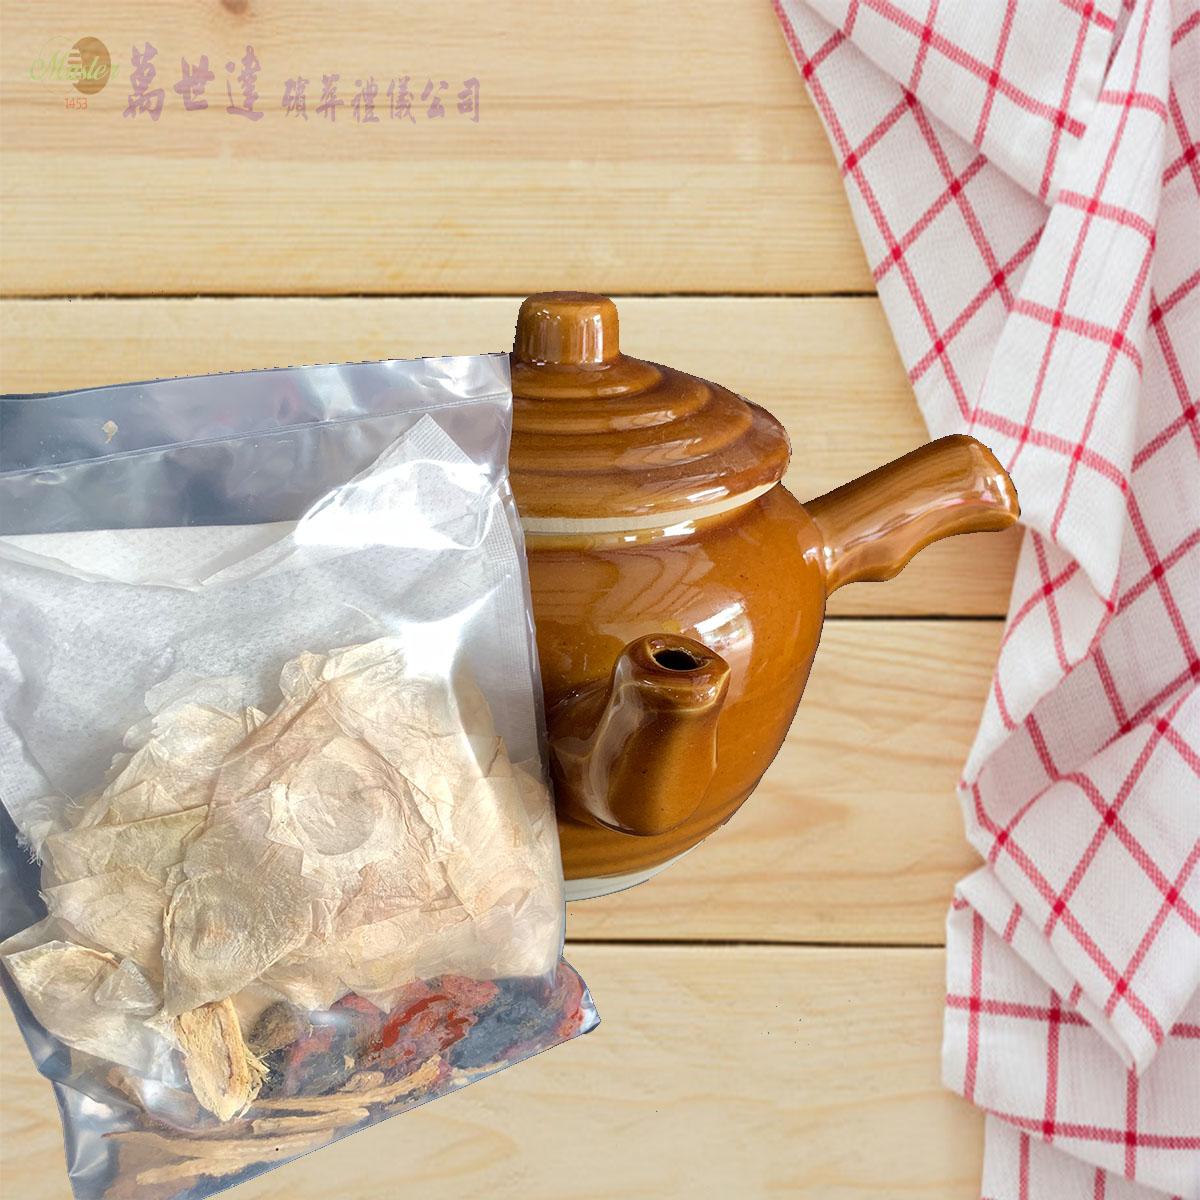 法事祭品-尾日飽福葷六飯菜全組含已煮八珍湯藥壺